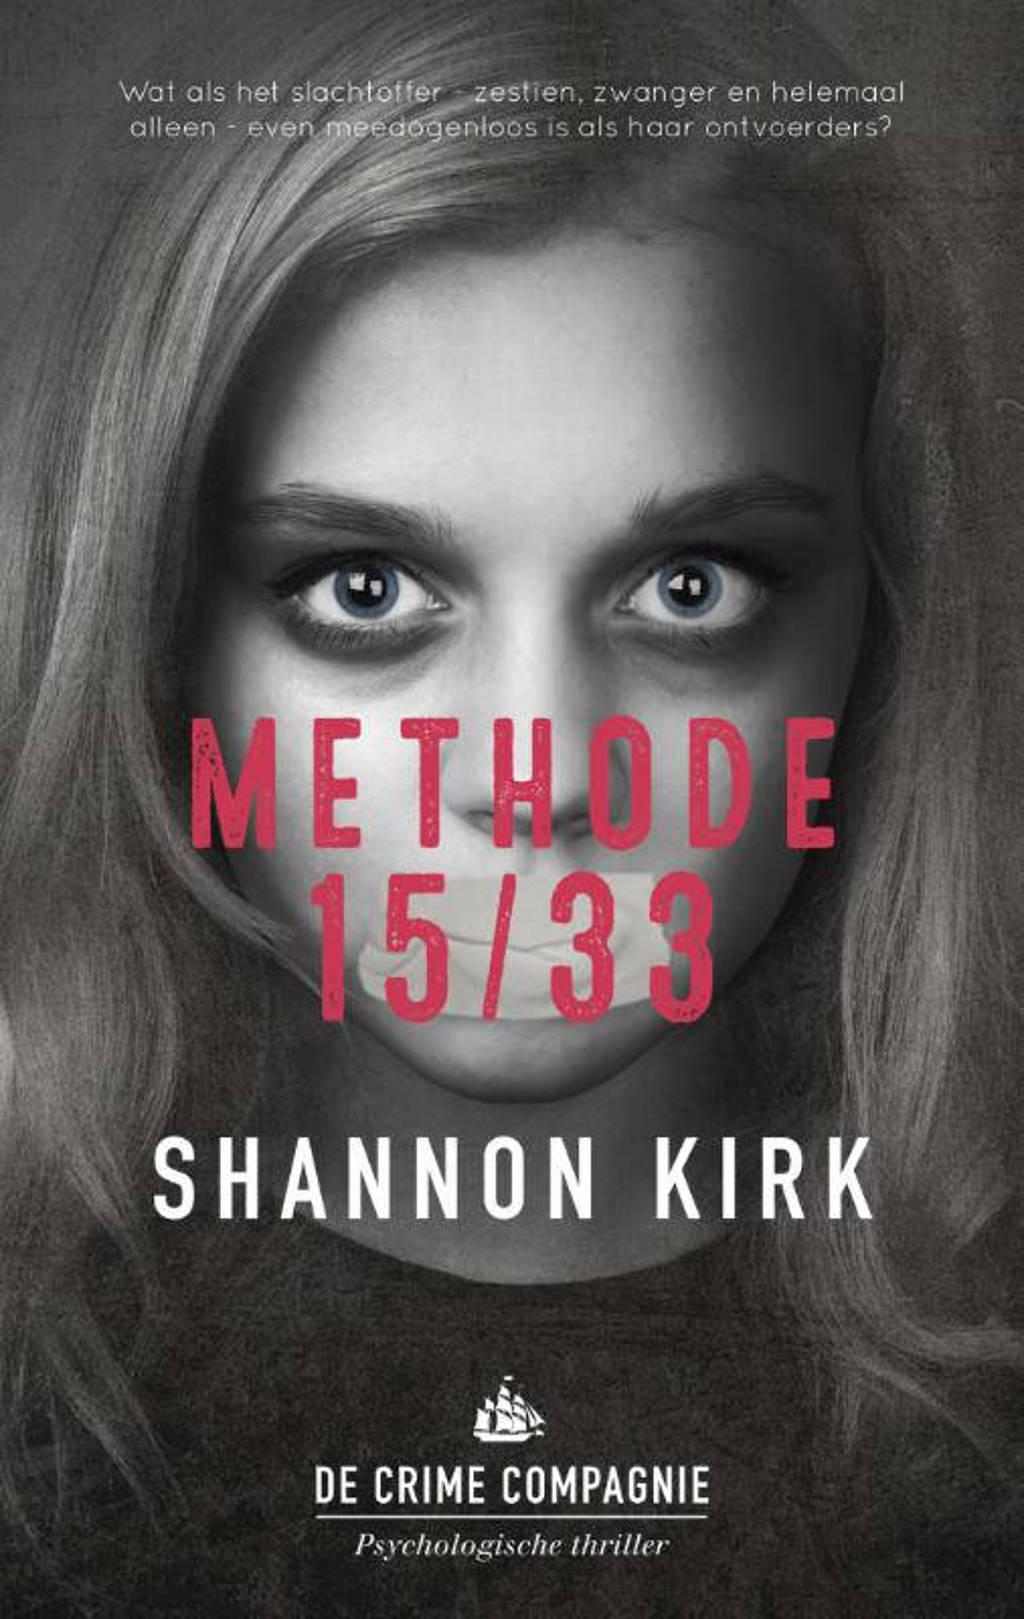 Methode 15/33 - Shannon Kirk